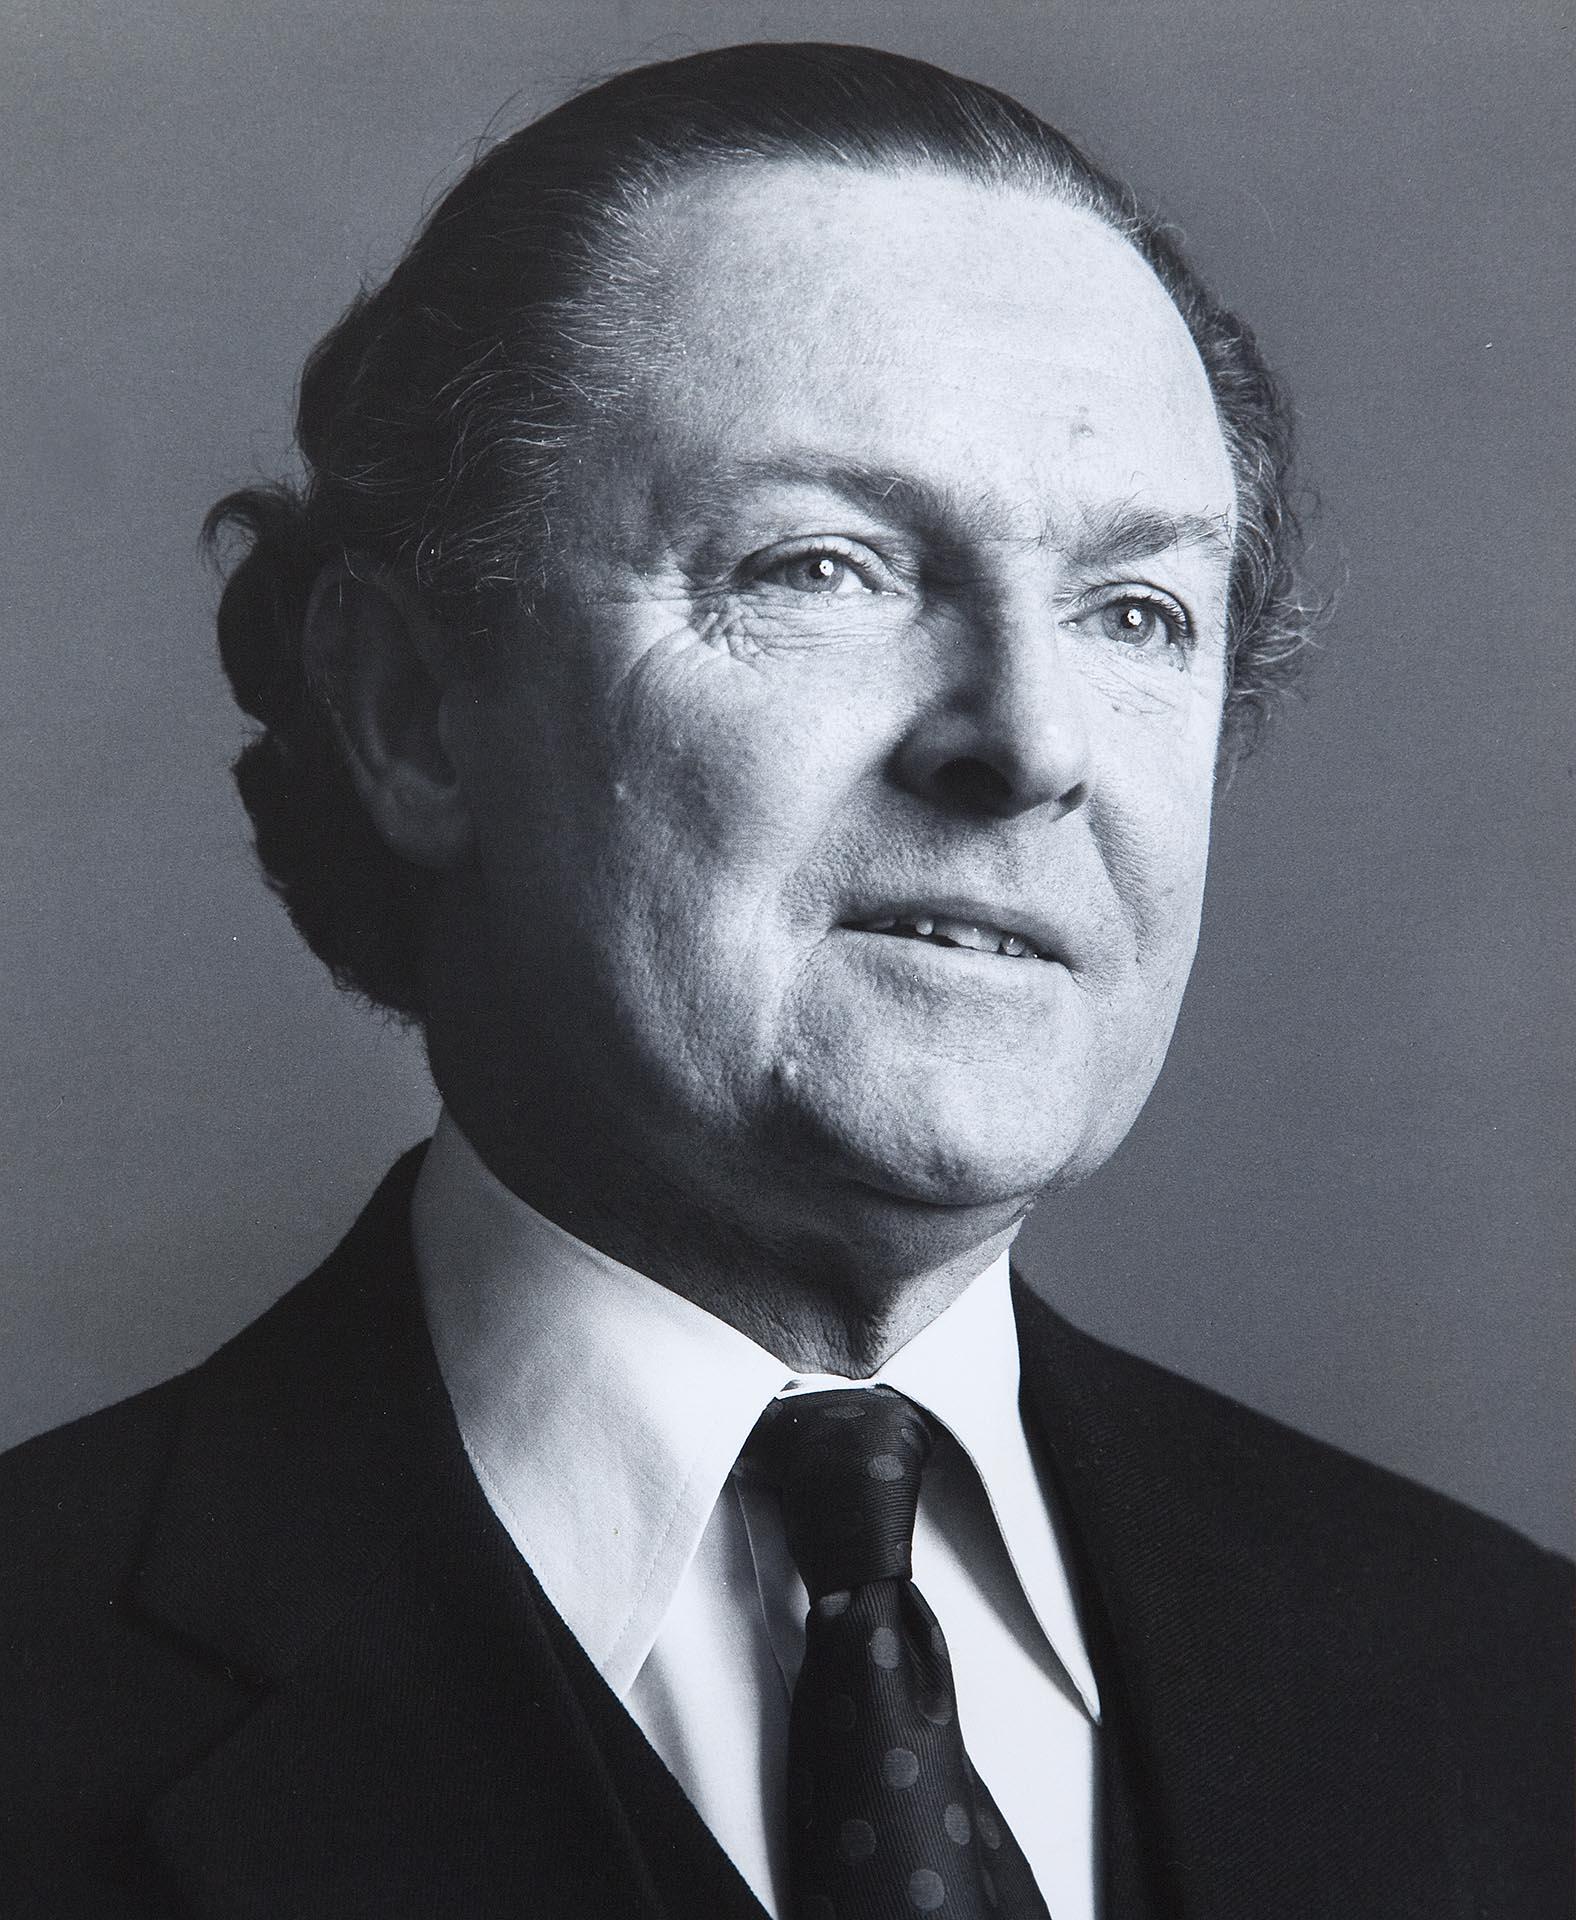 William Finlay